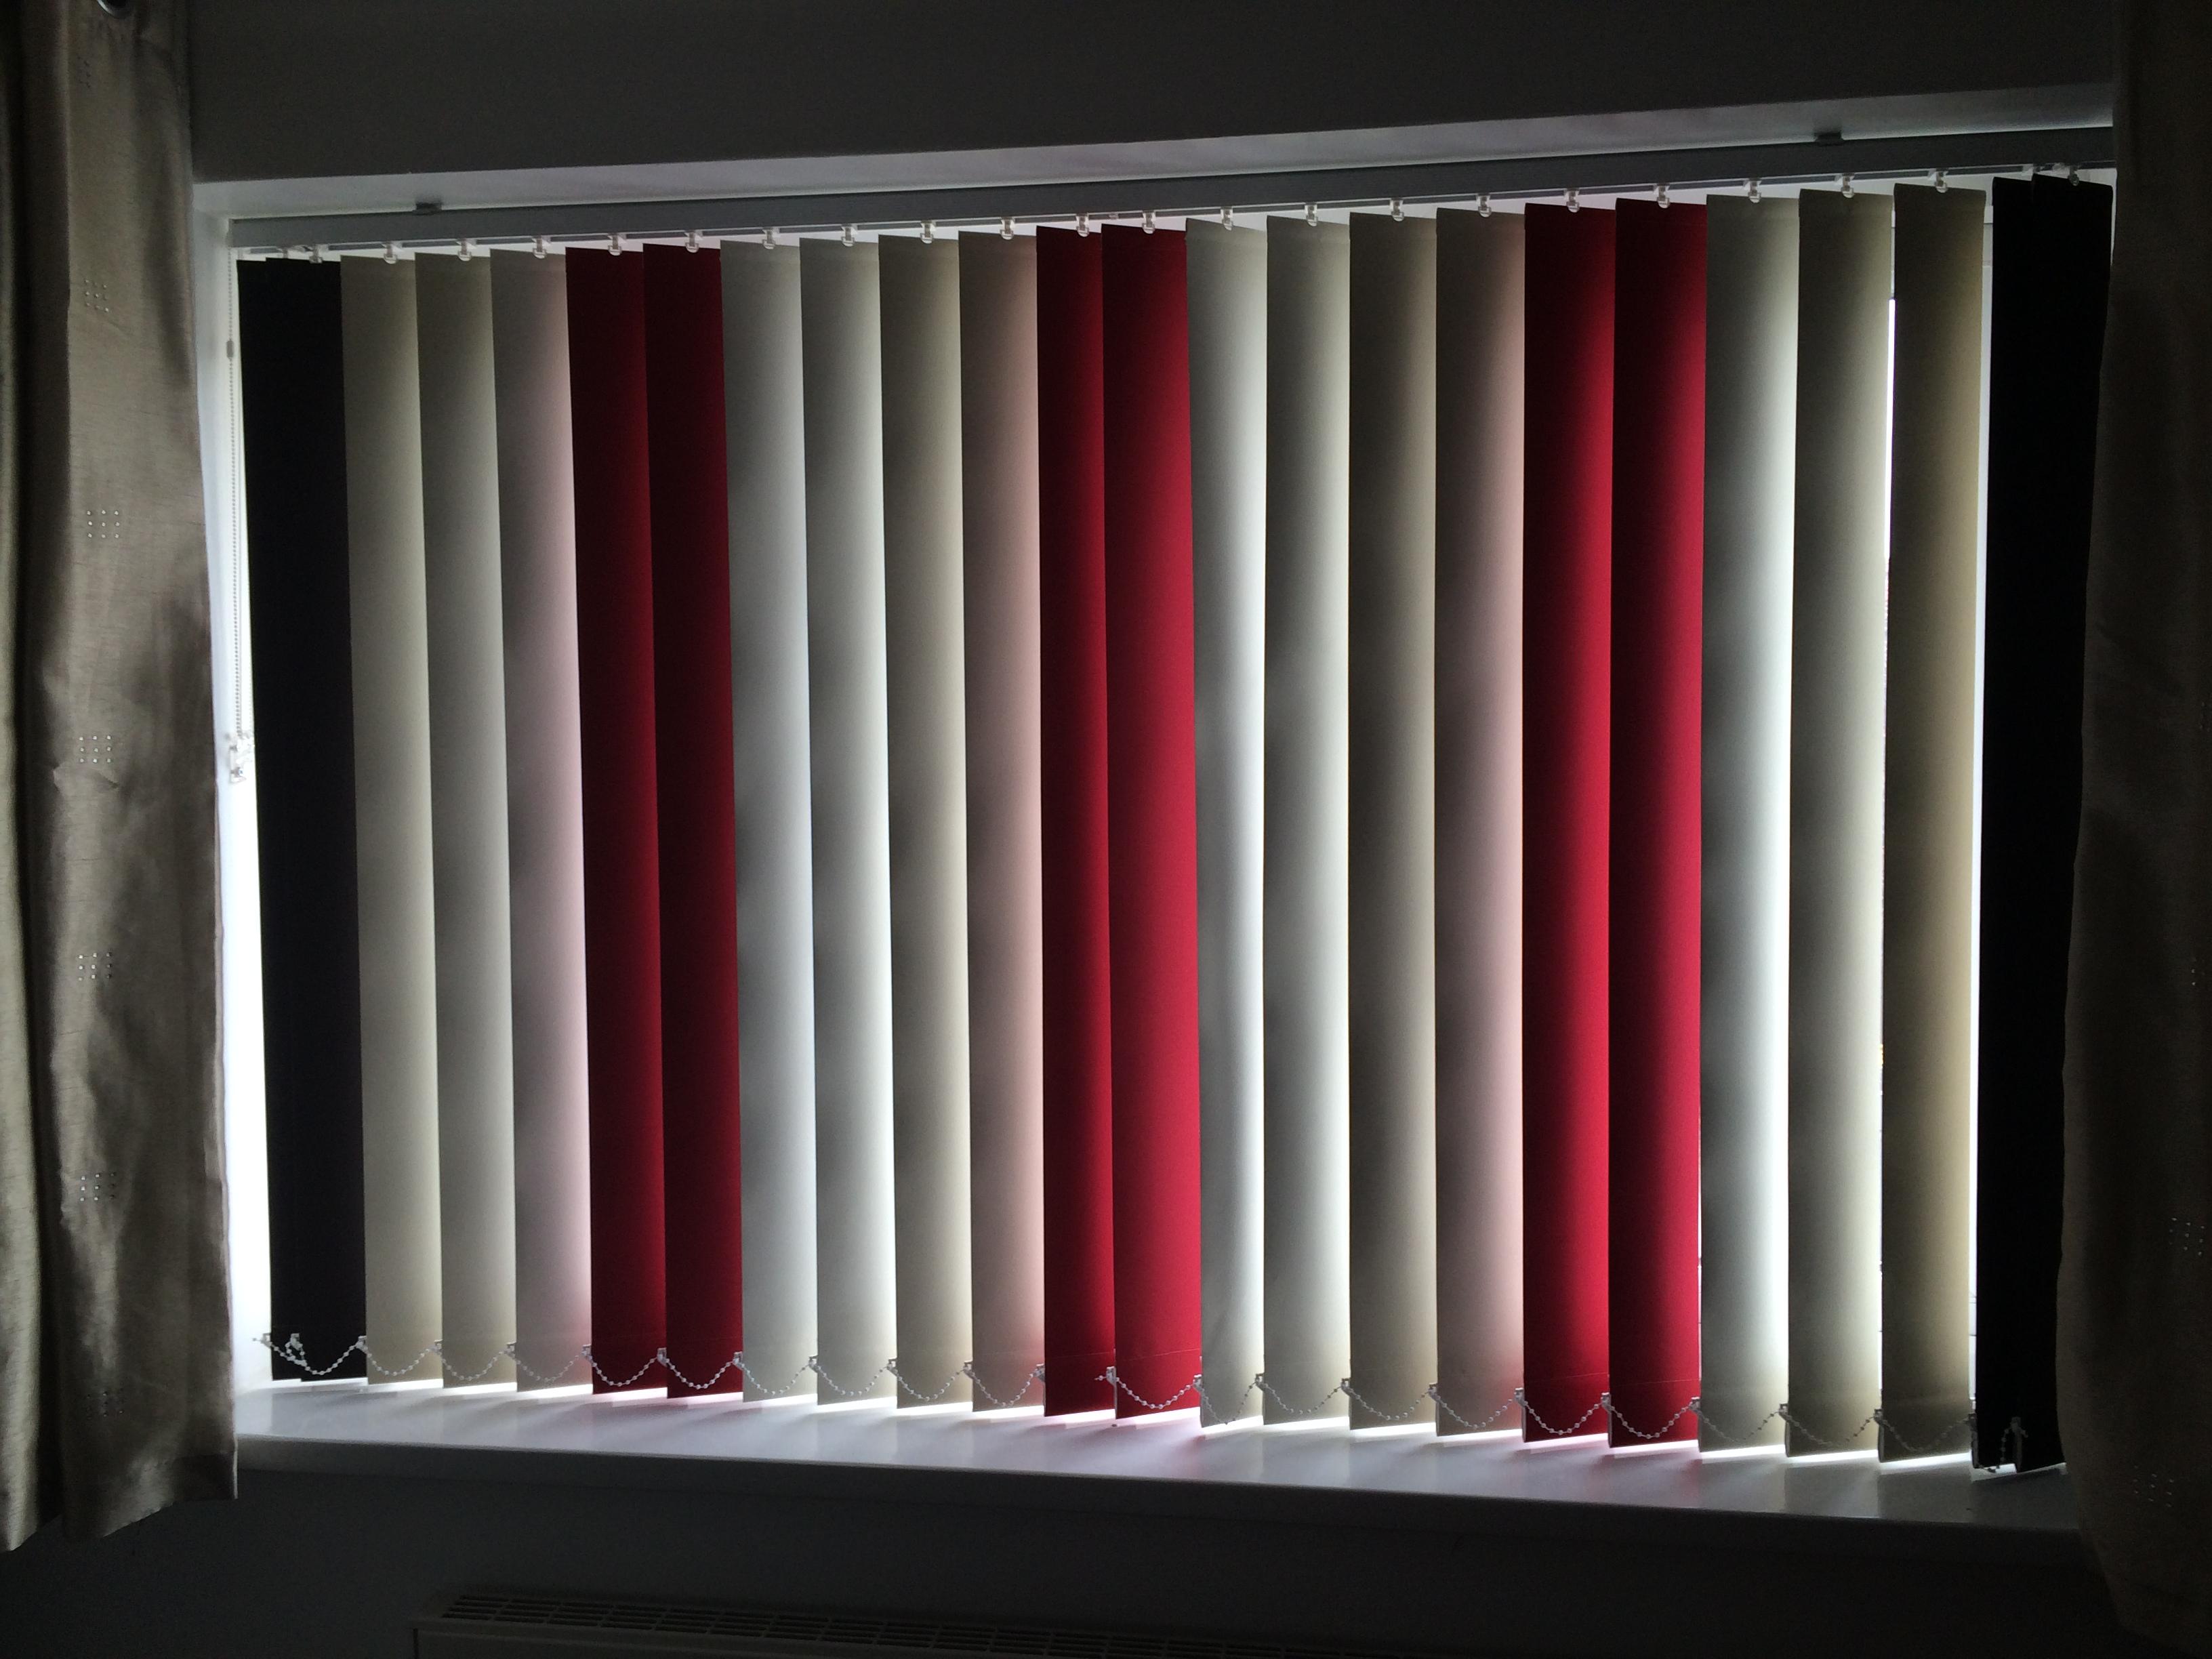 Day Blinds Ltd